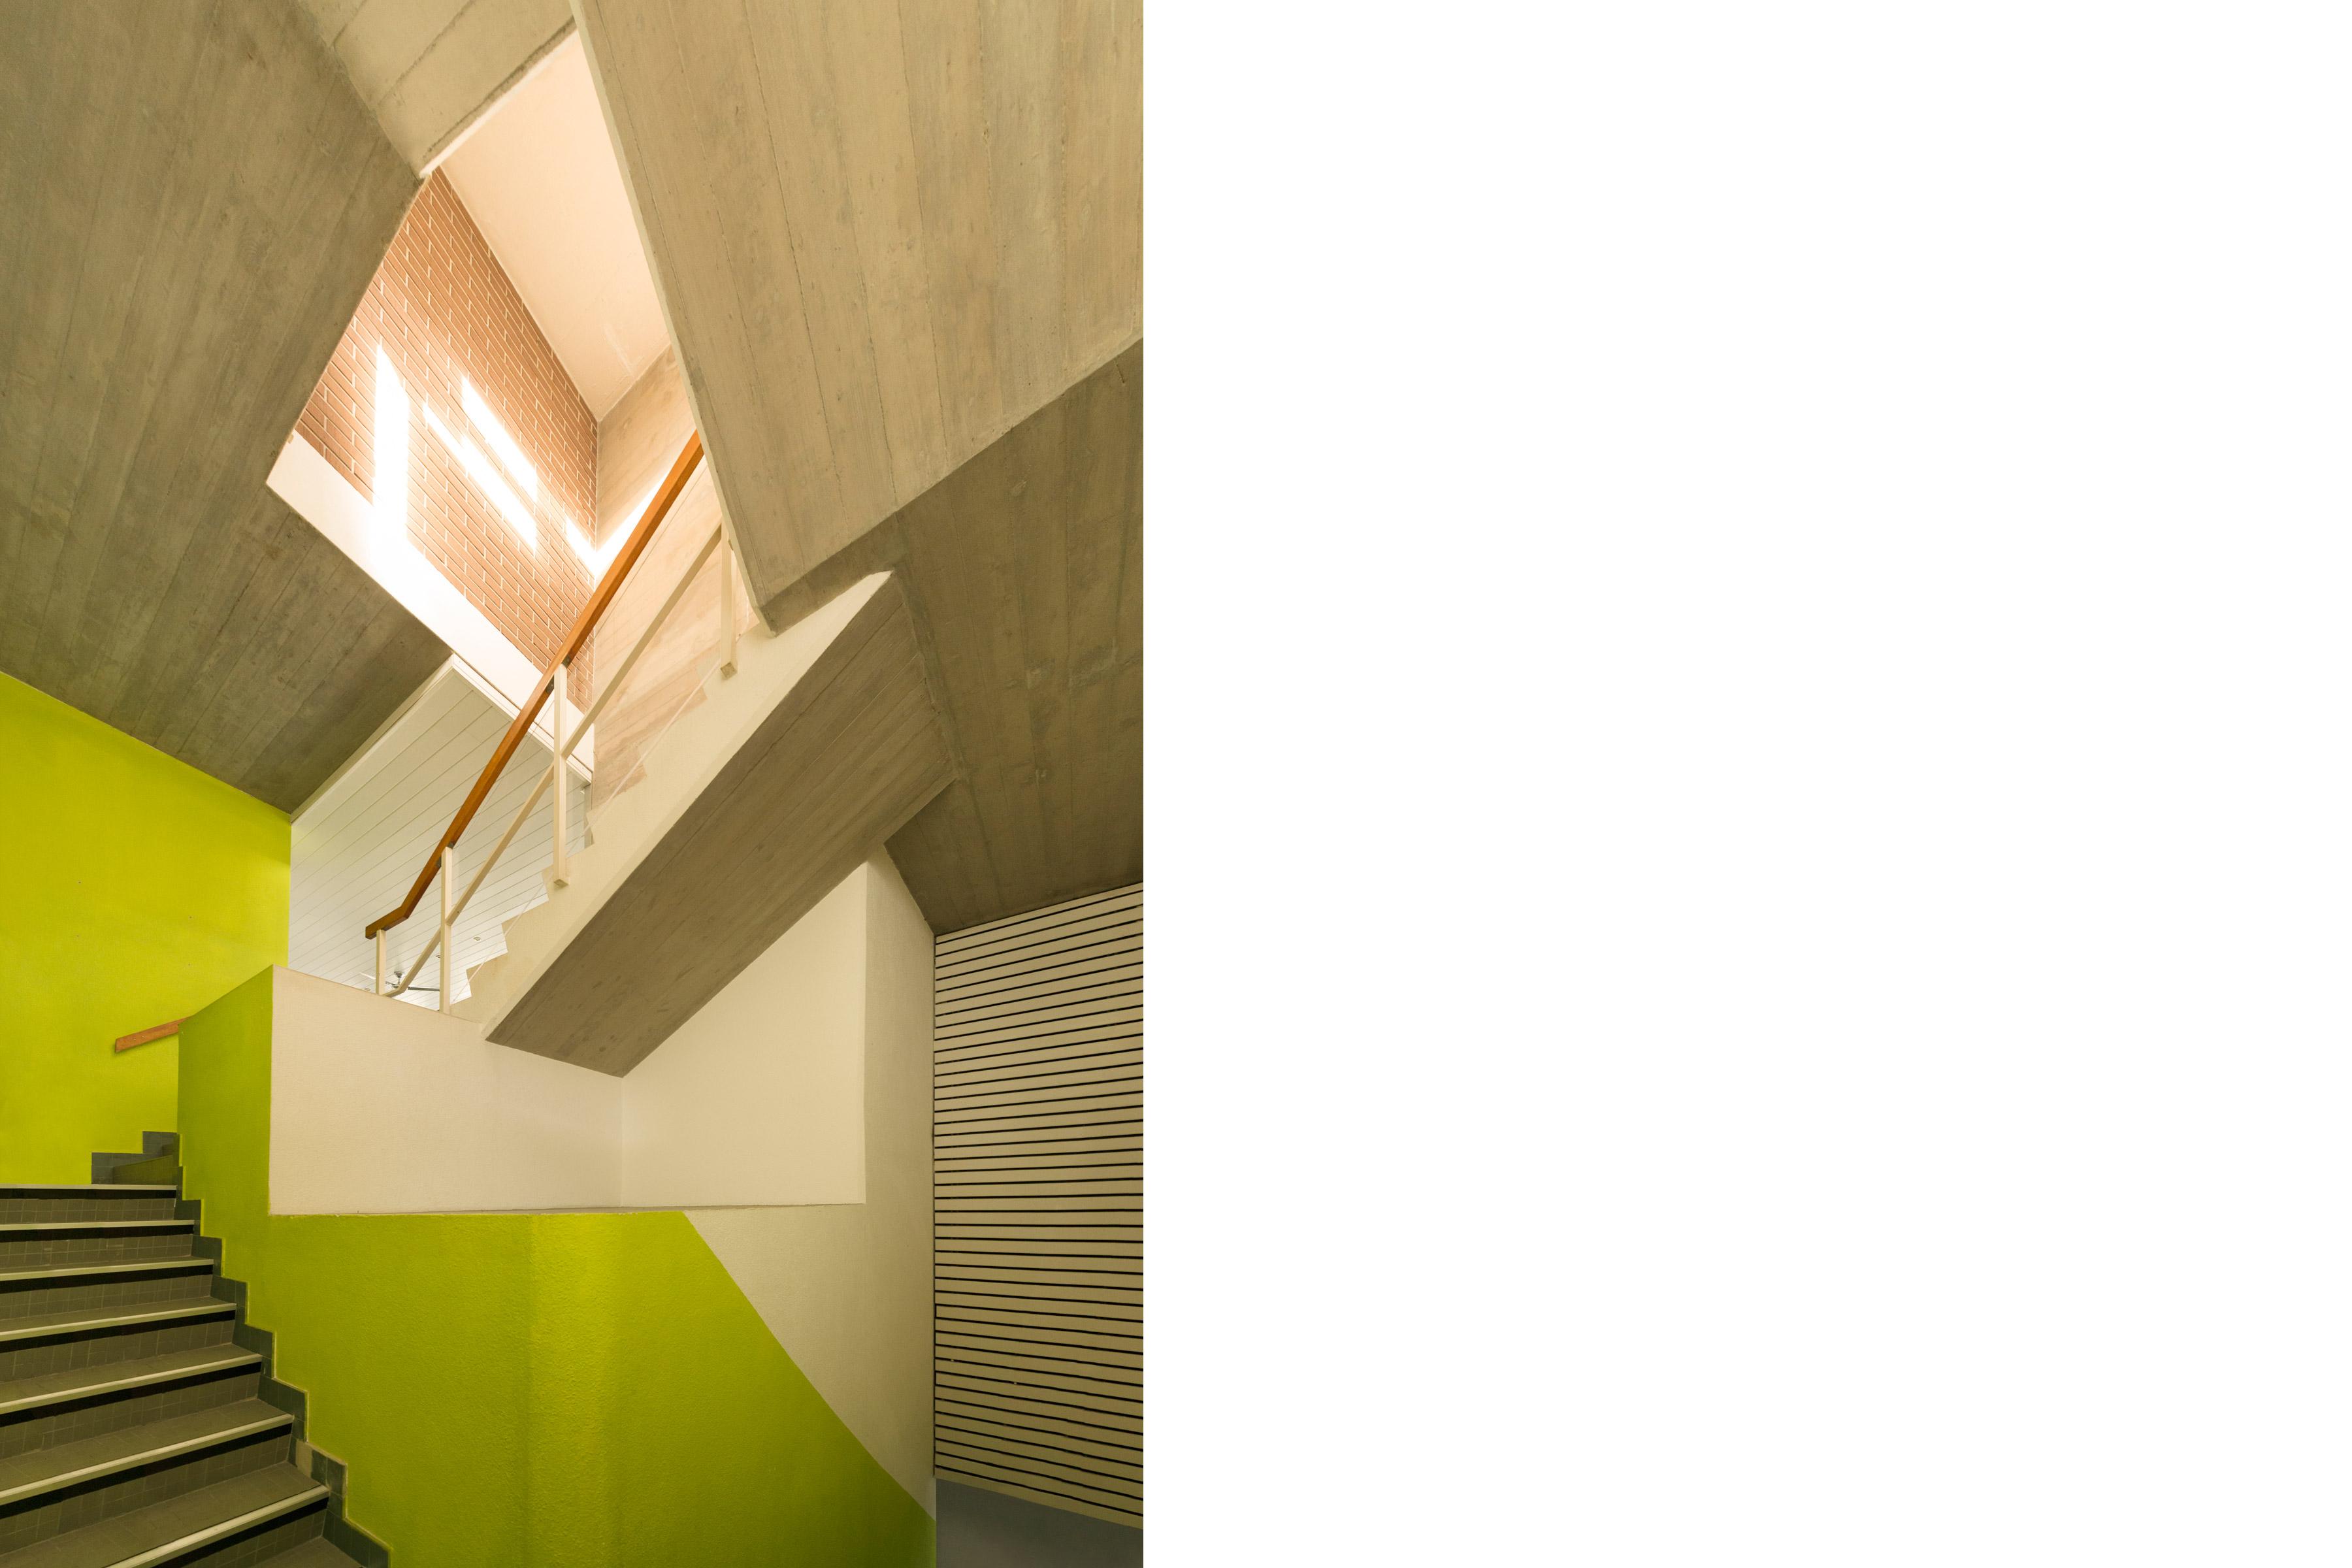 Architecture photo about old swimming pool Luzern Neubad